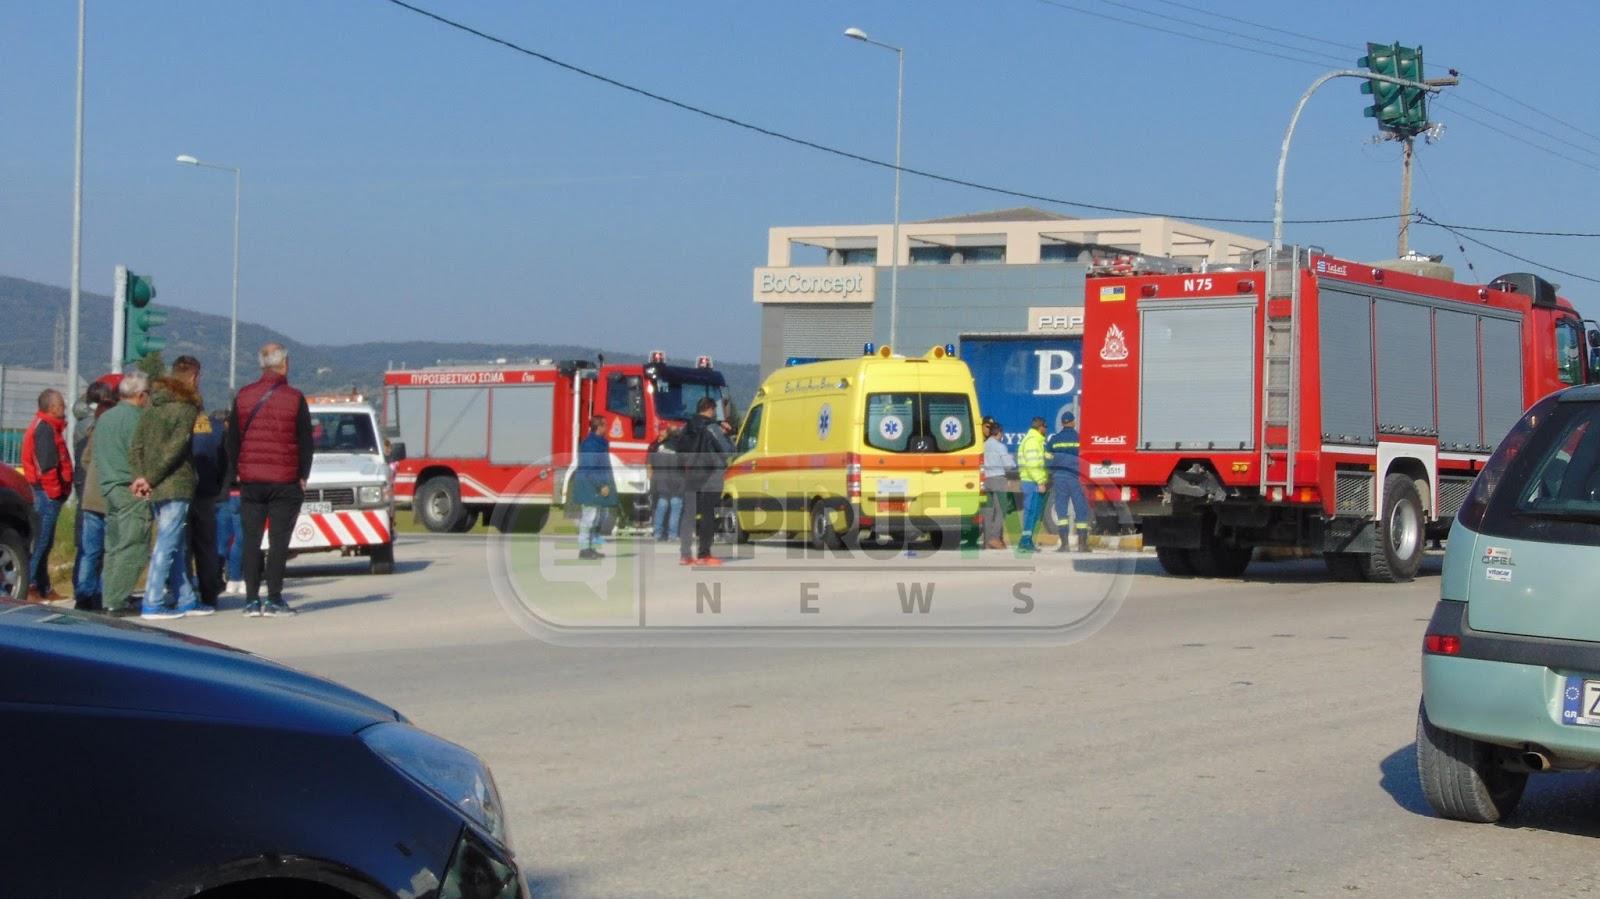 Ιωάννινα:Σφοδρή σύγκρουση 2 οχημάτων στα Καραδμίτσια Ενας νεκρός δύο τραυματίες